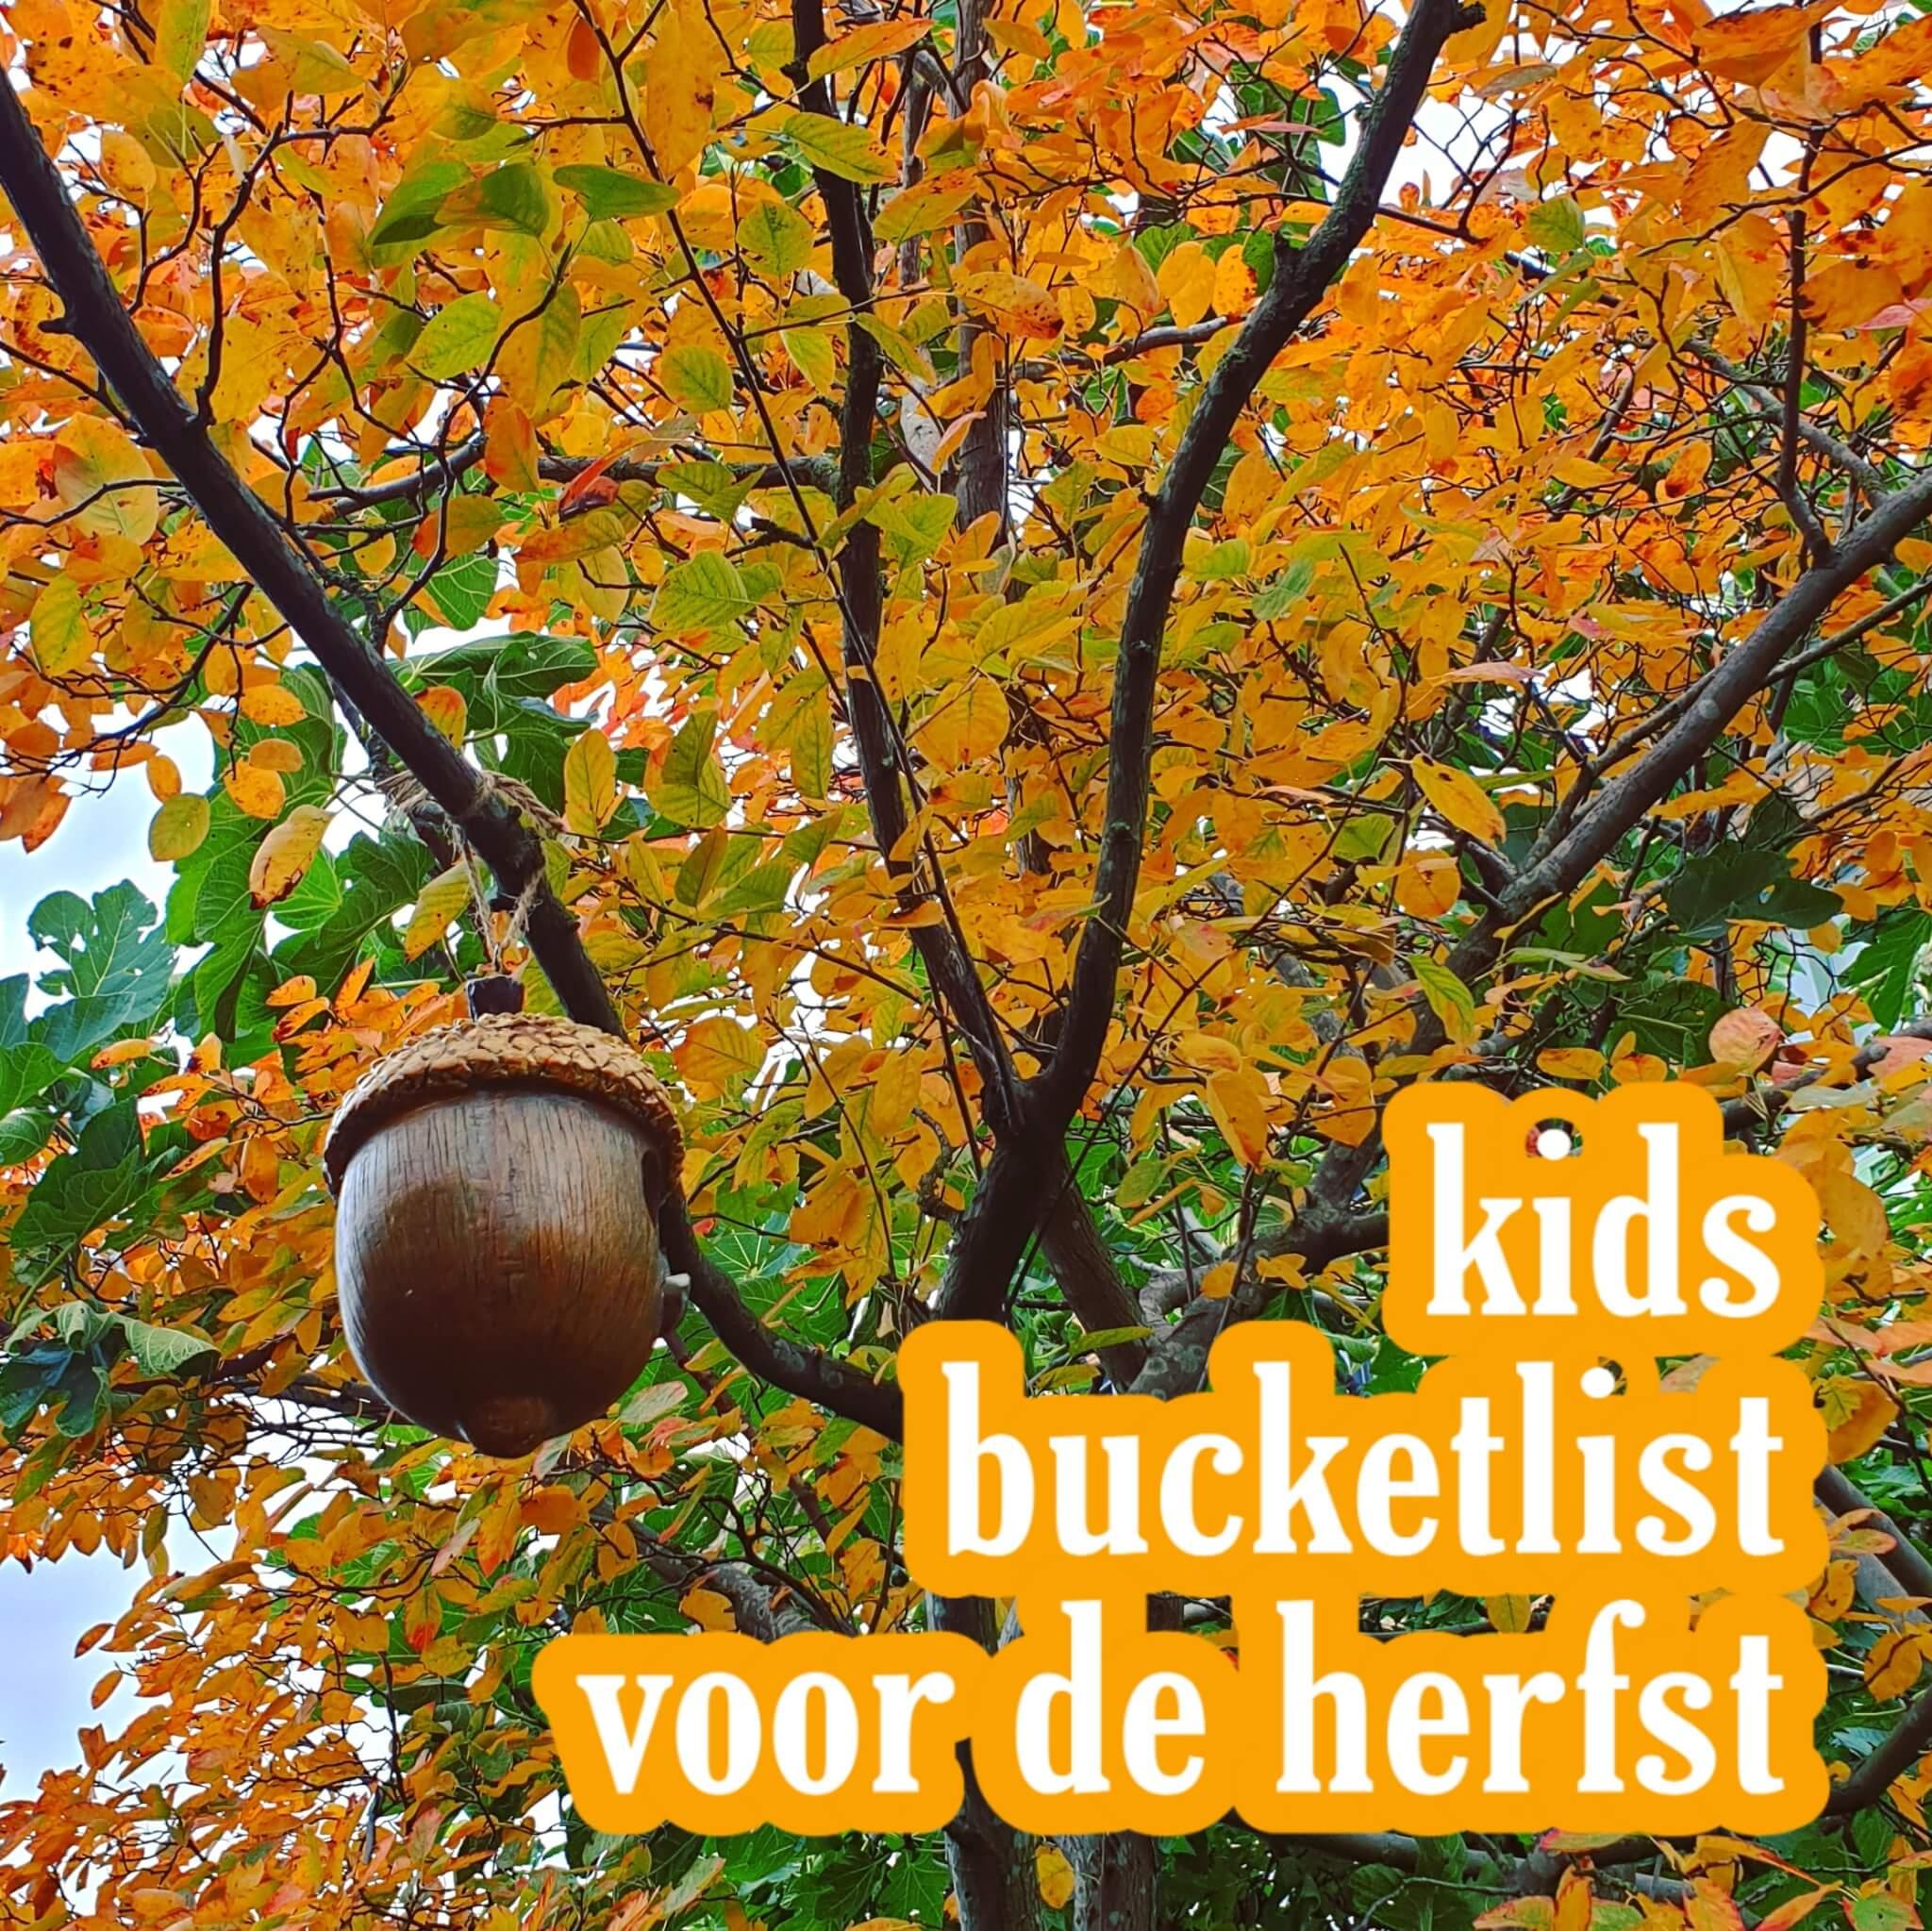 Onze kids bucketlist voor deze herfst: leuke herfstvakantie activiteiten